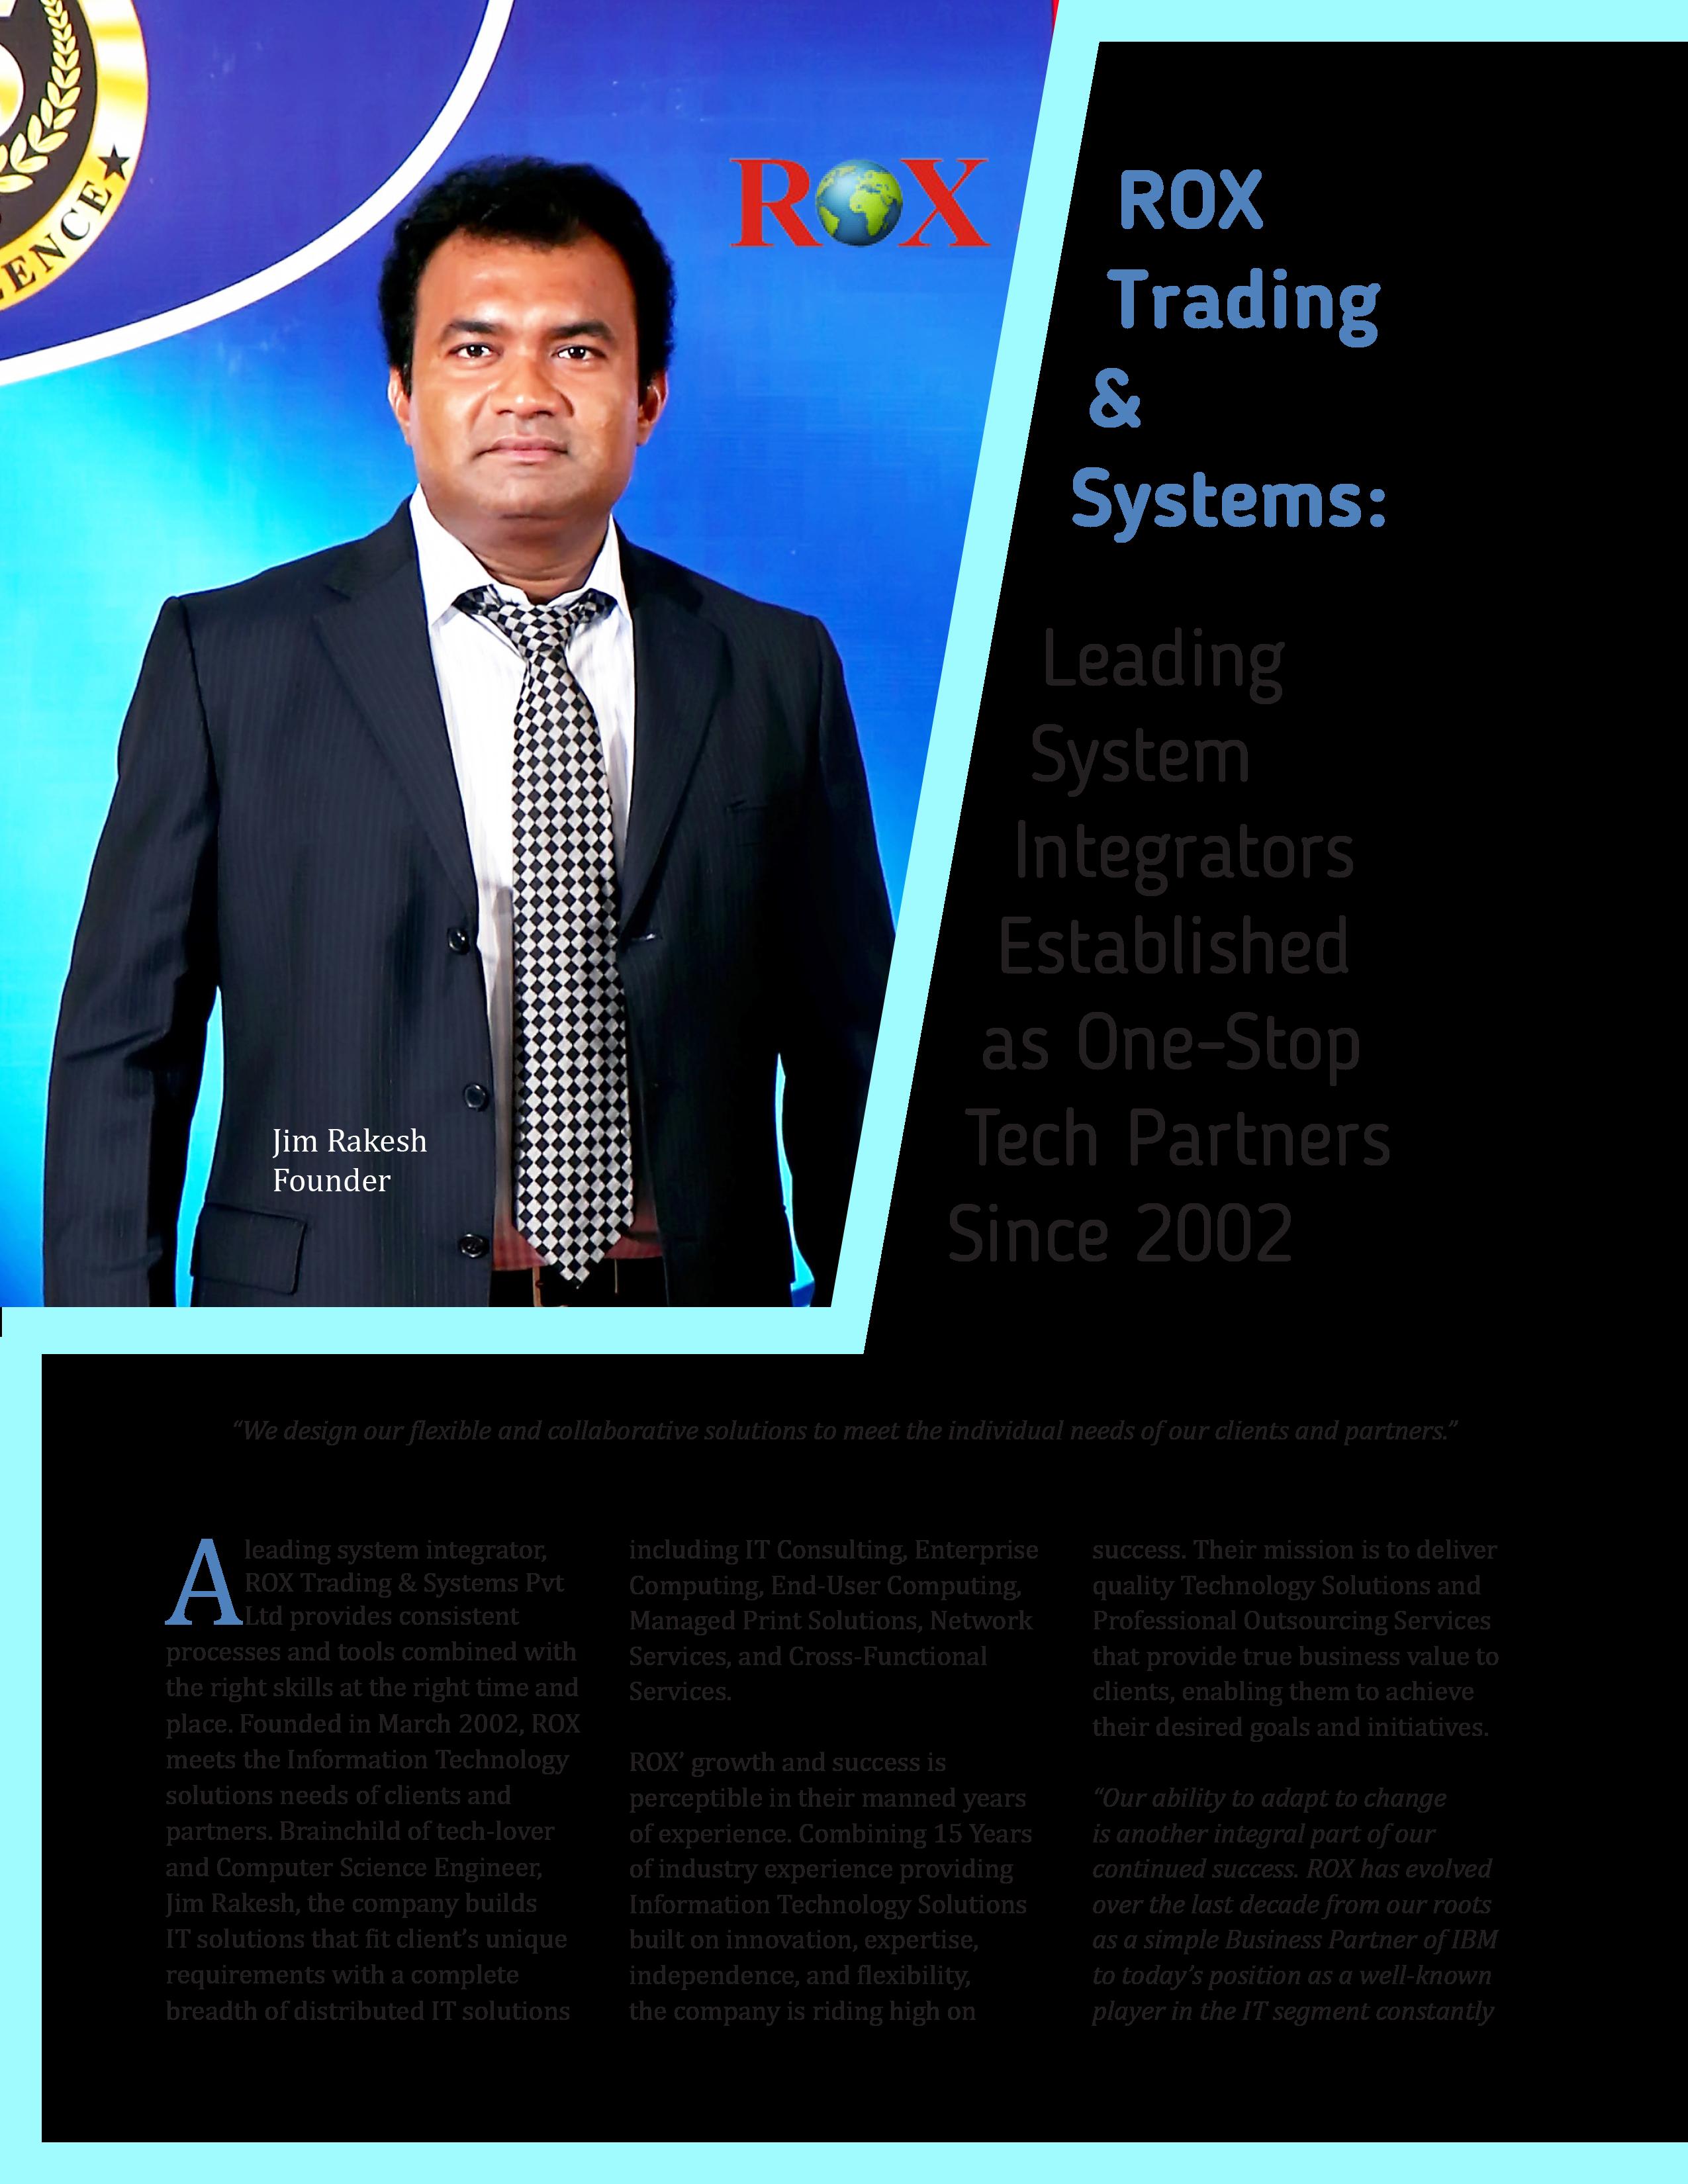 rox trading systems pvt ltd darbuotojų akcijų pasirinkimo pasiūlymai